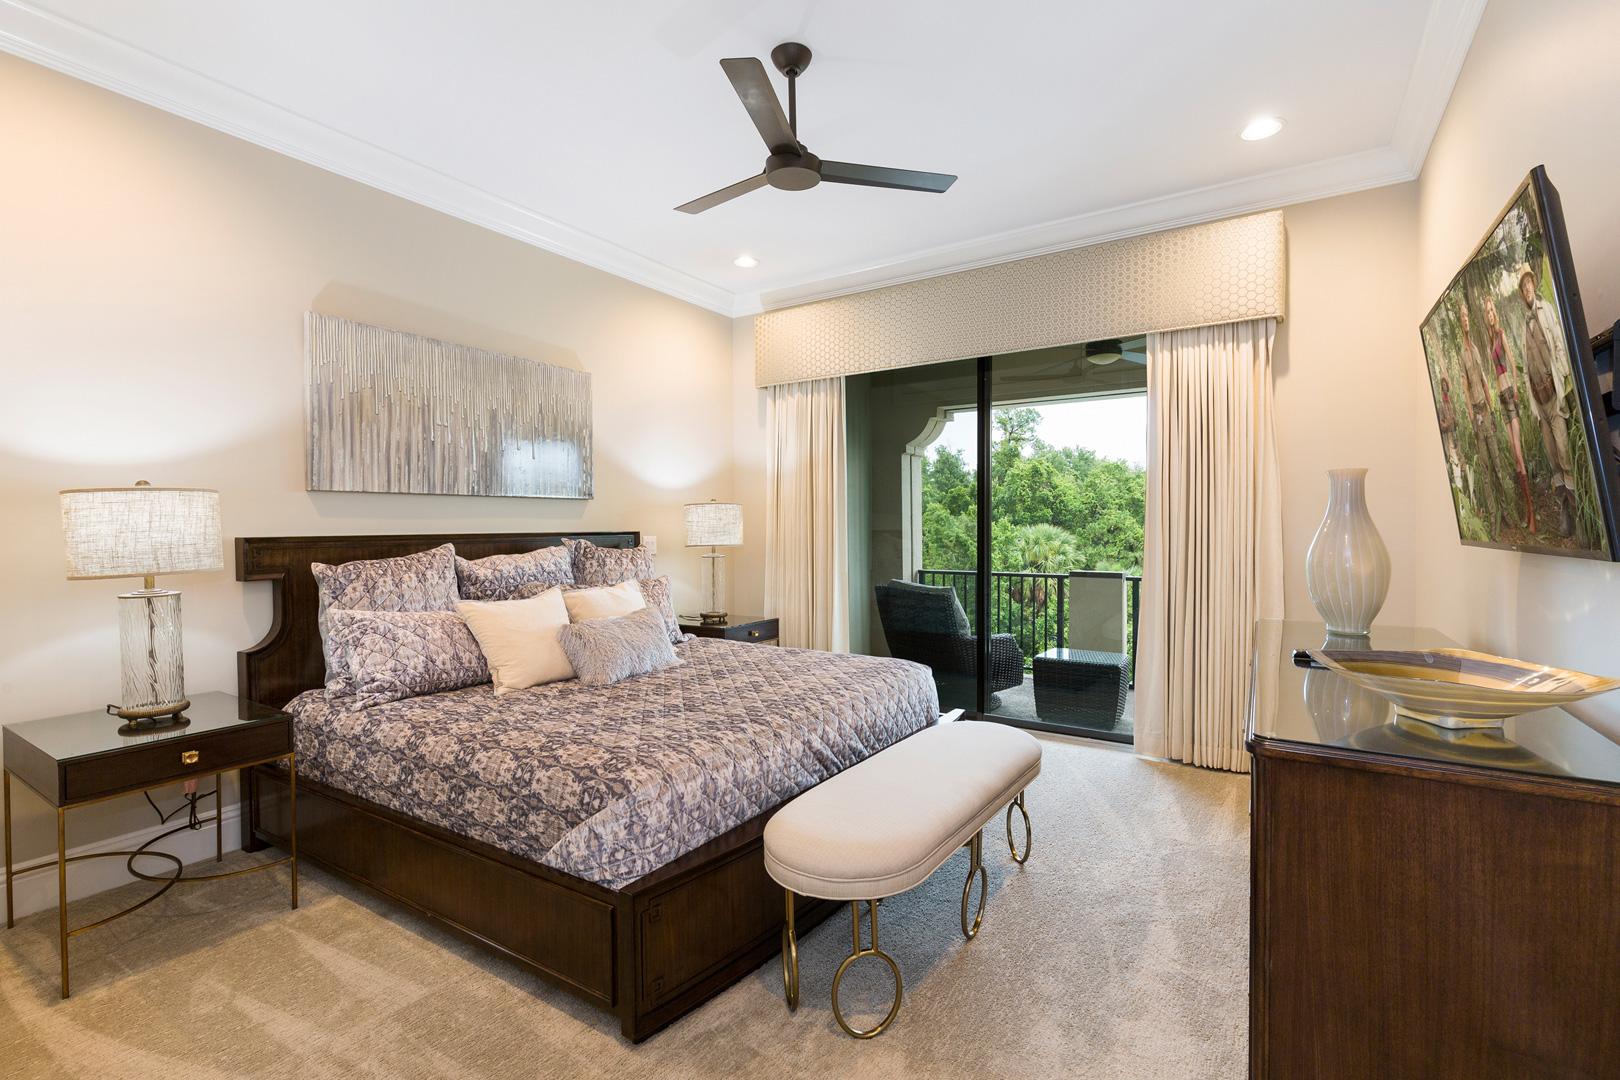 Bedrooms58